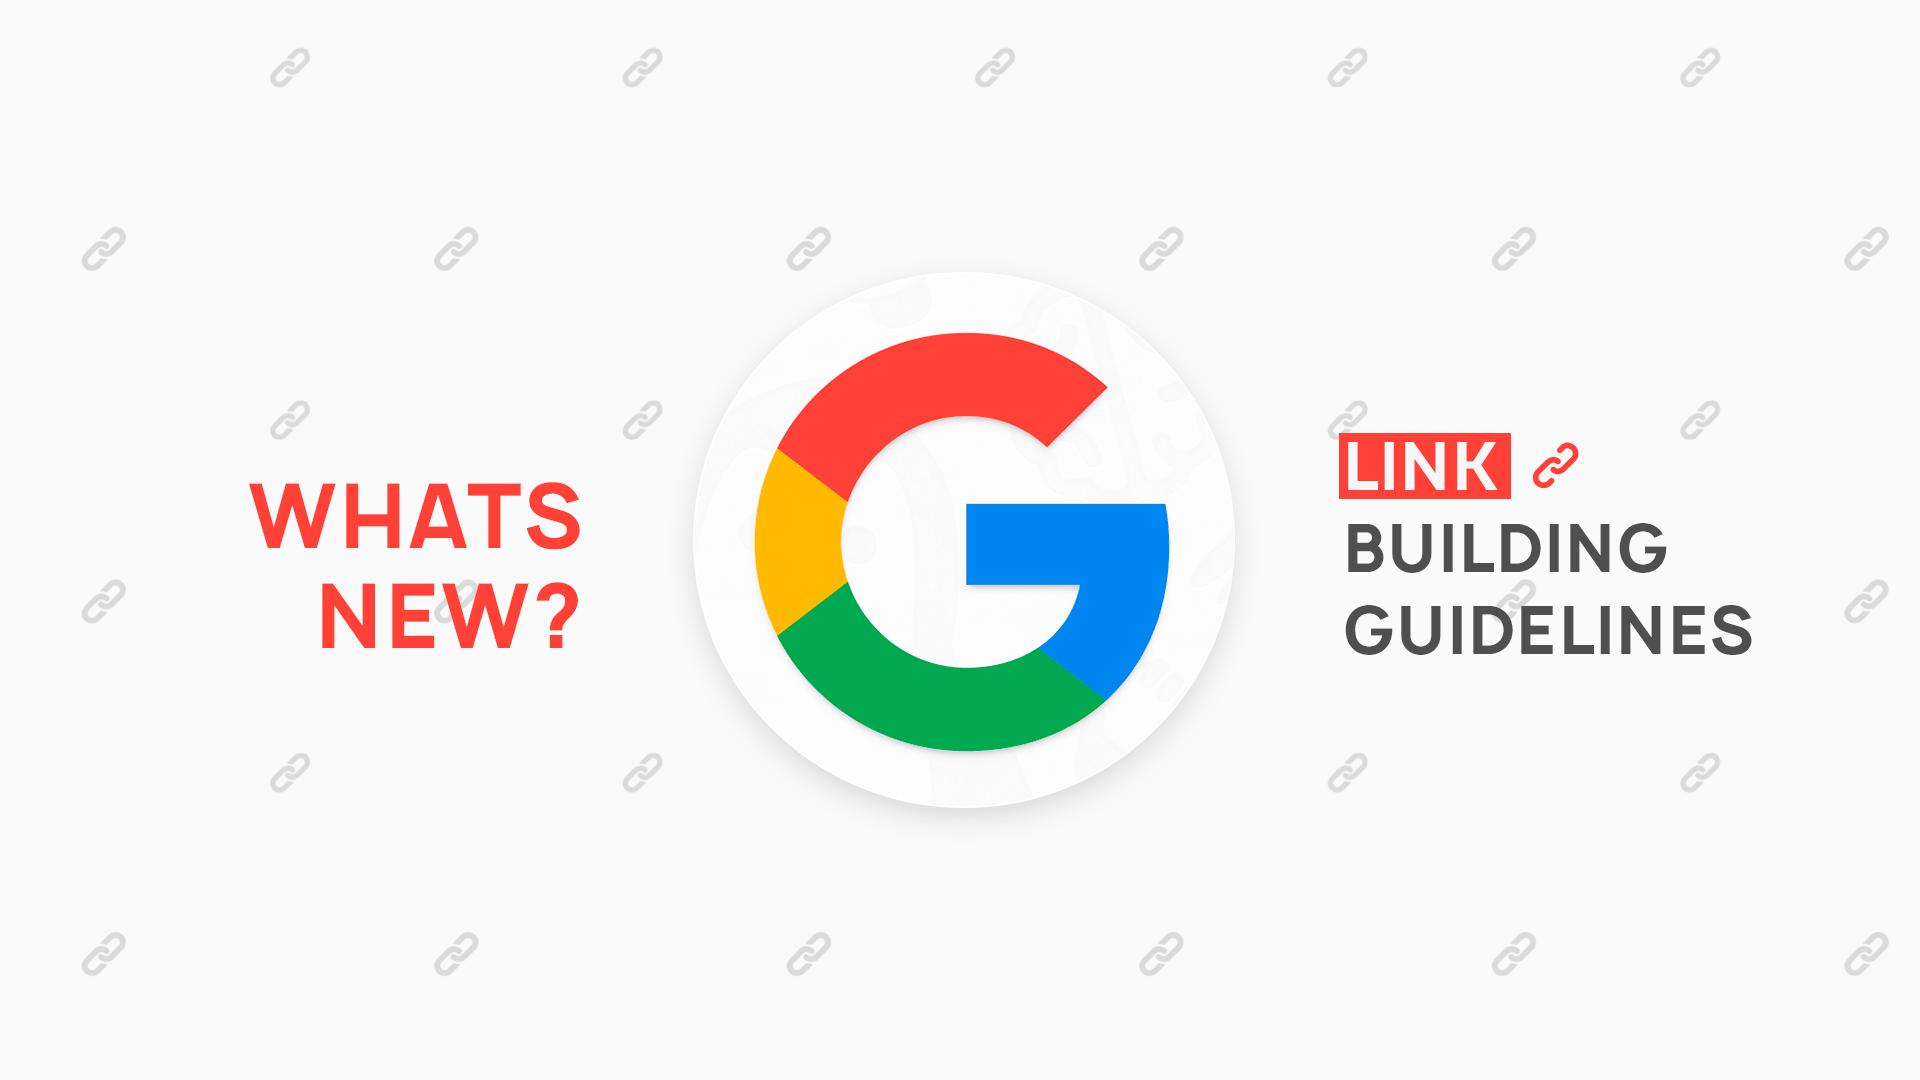 Новое руководство построения ссылок от Google